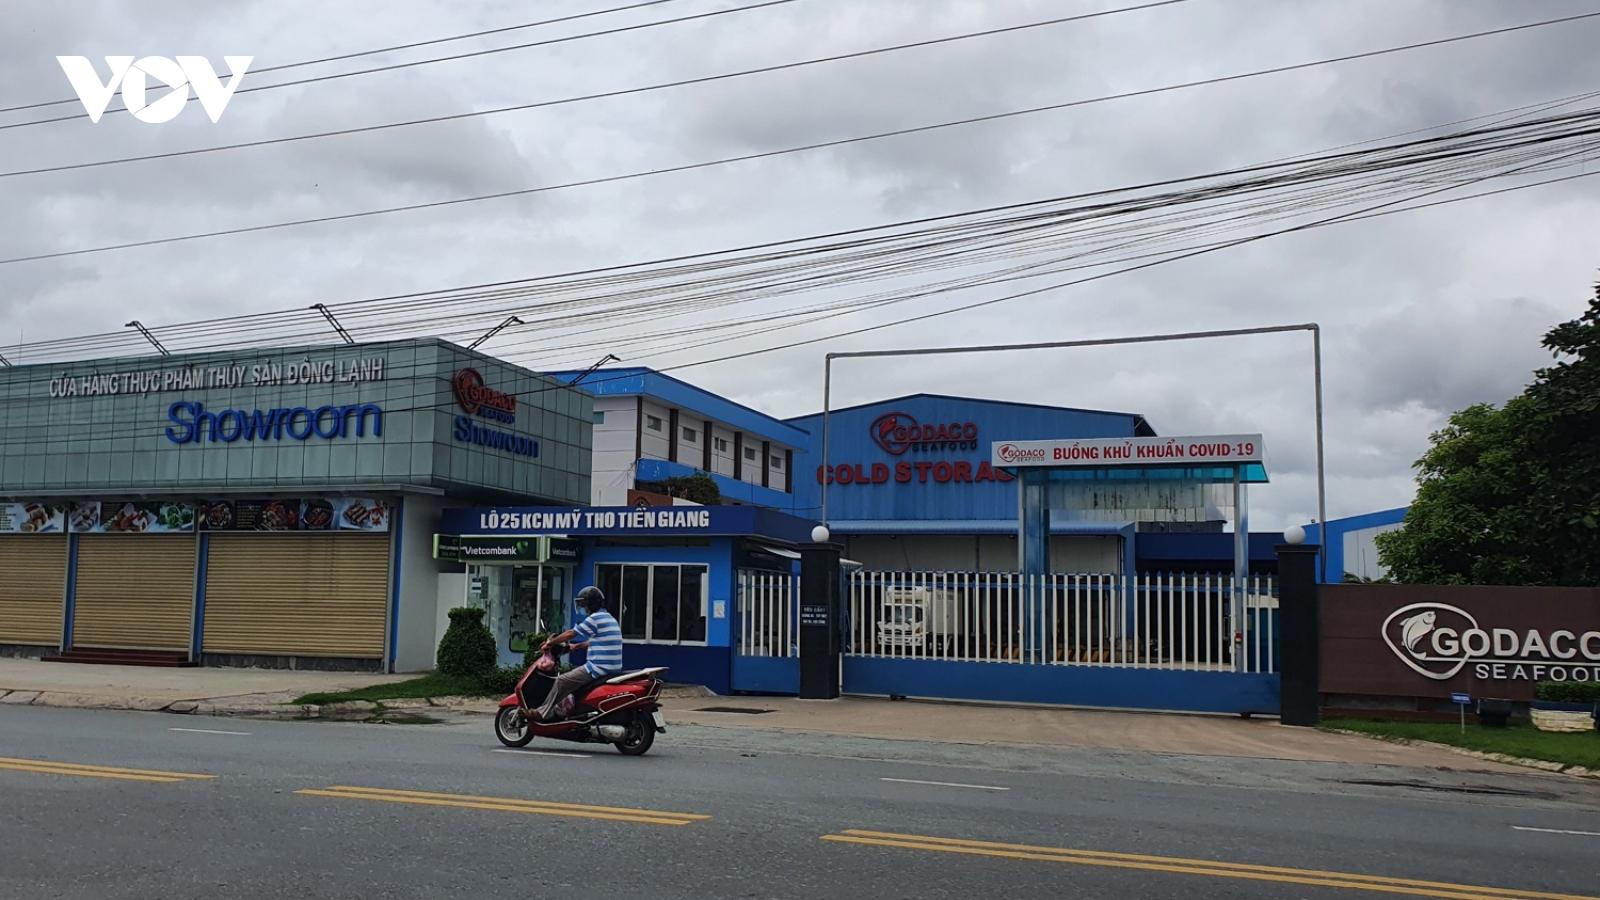 Mộtdoanh nghiệp ở Tiền Giang có 180 ca dương tính SARS-CoV-2 , dập dịch khó khăn